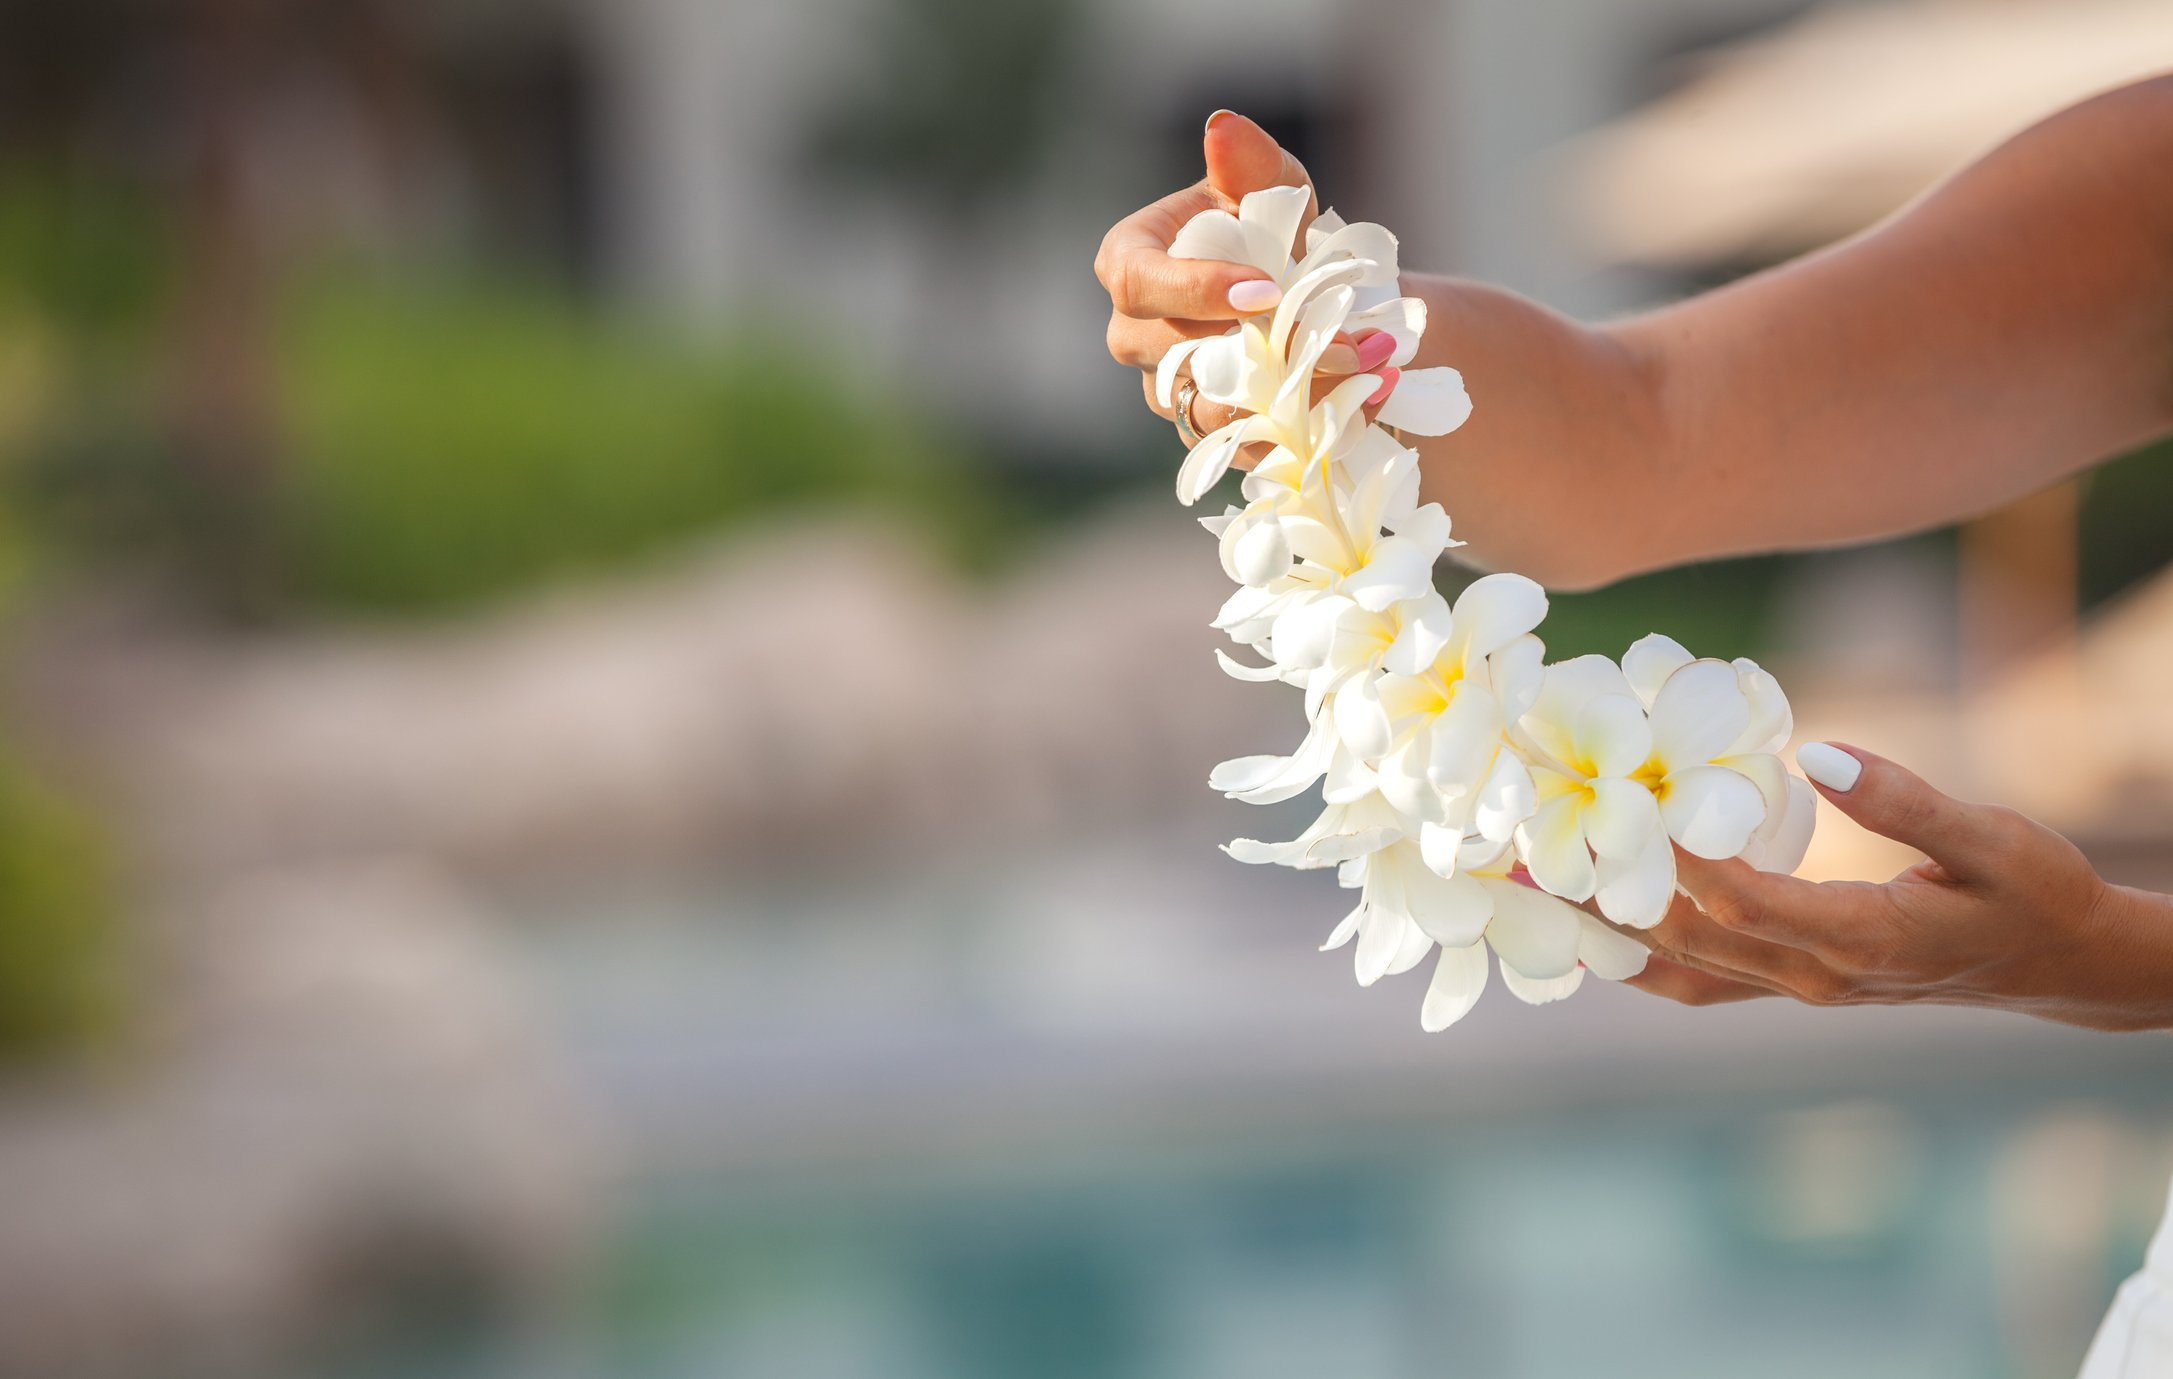 A women holds a fresh flower lei